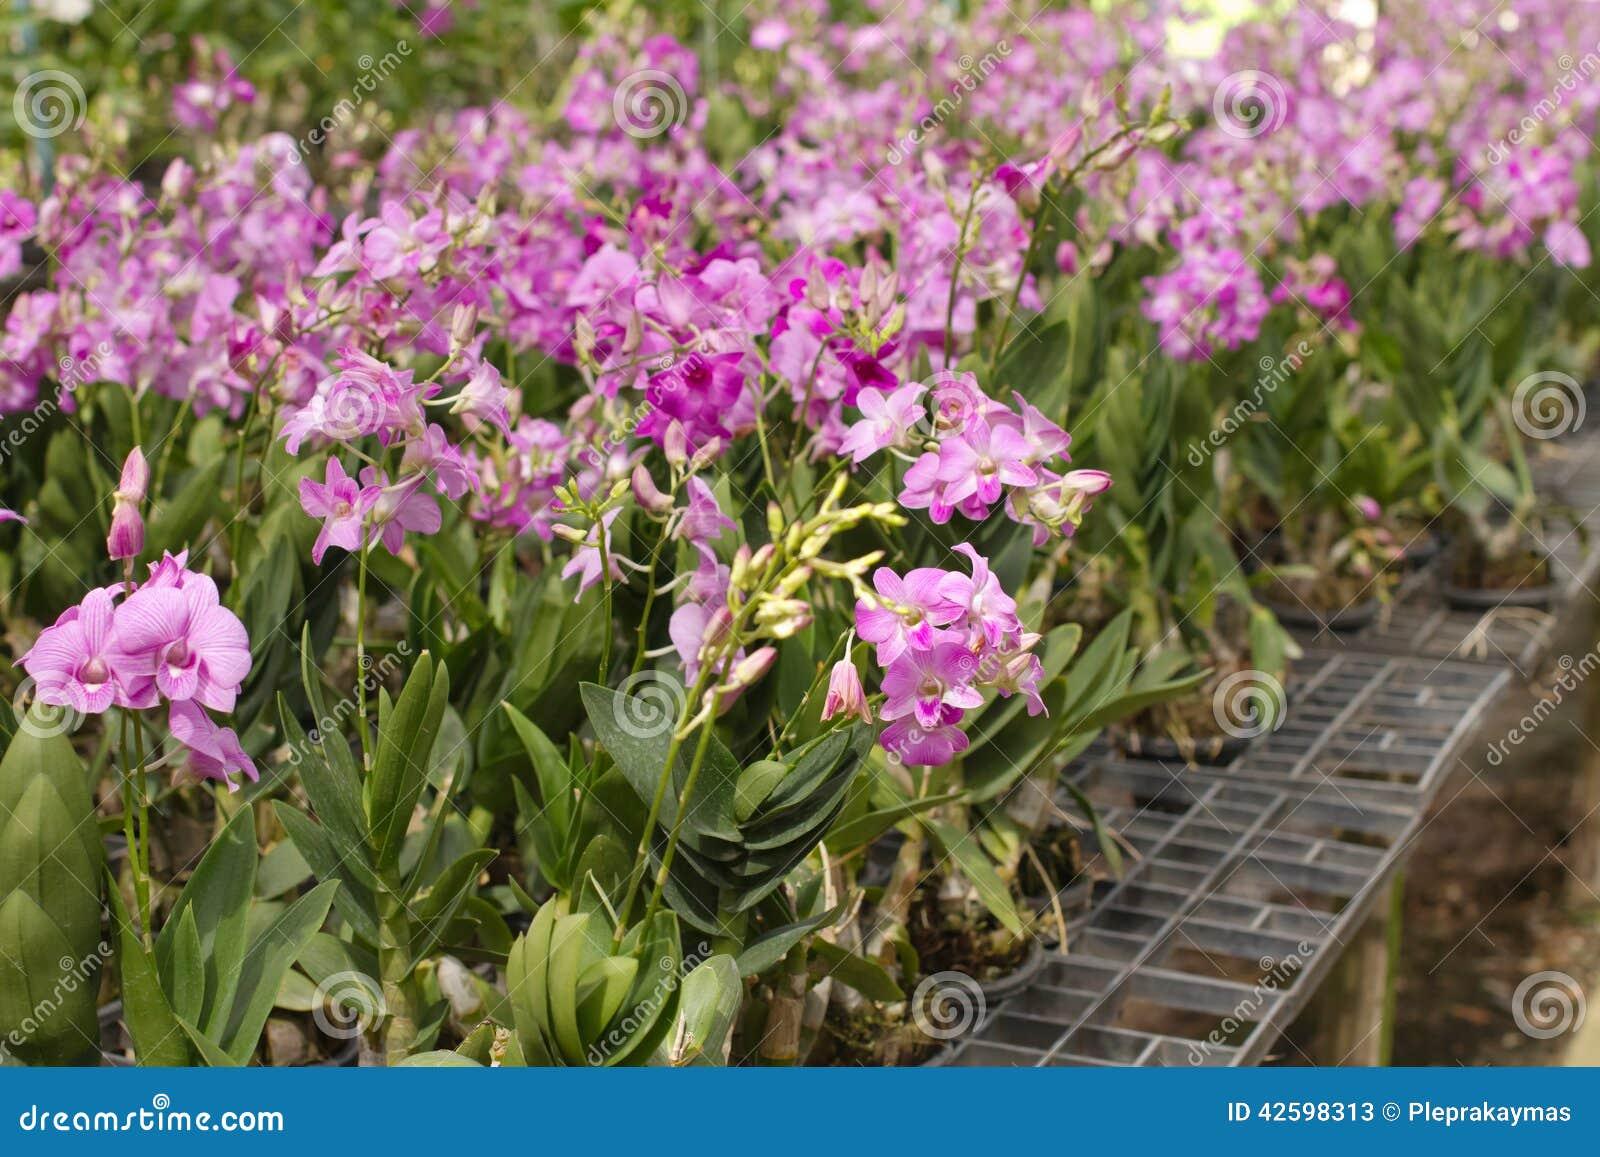 Plant Pots For Sale Part - 50: Farm Flower Orchid Sale ...